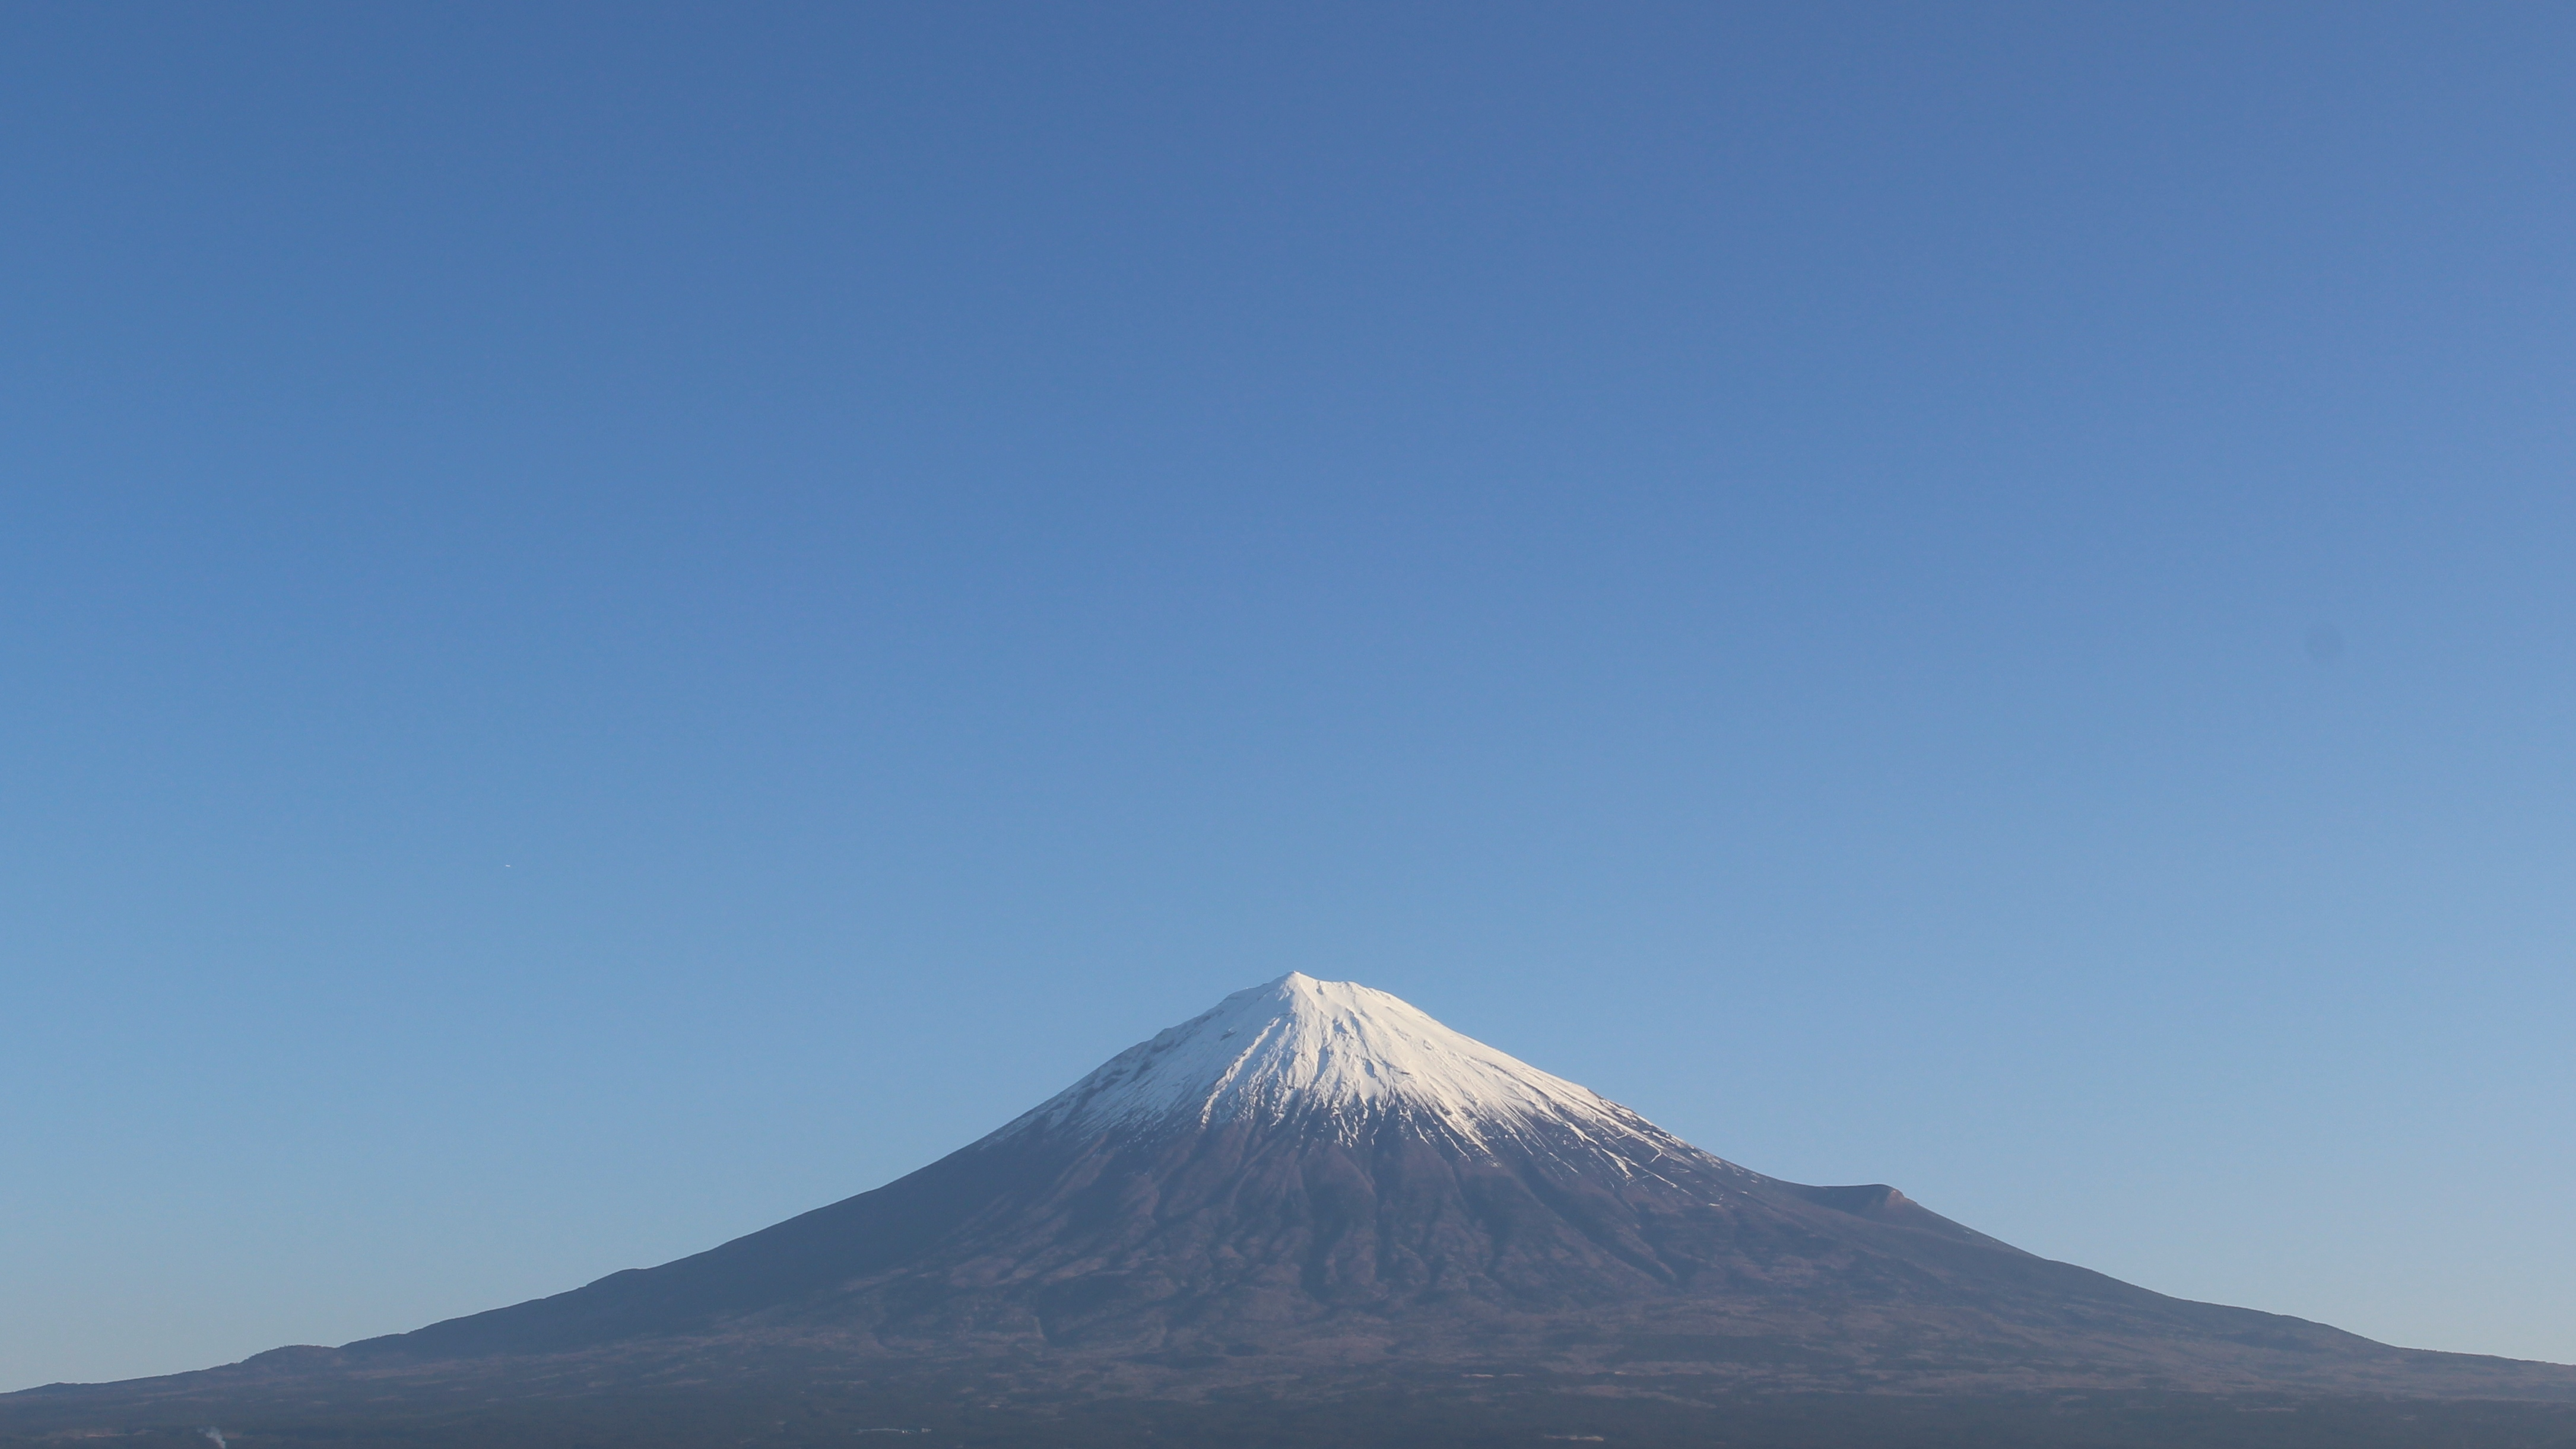 2017年1月7日の富士山の写真